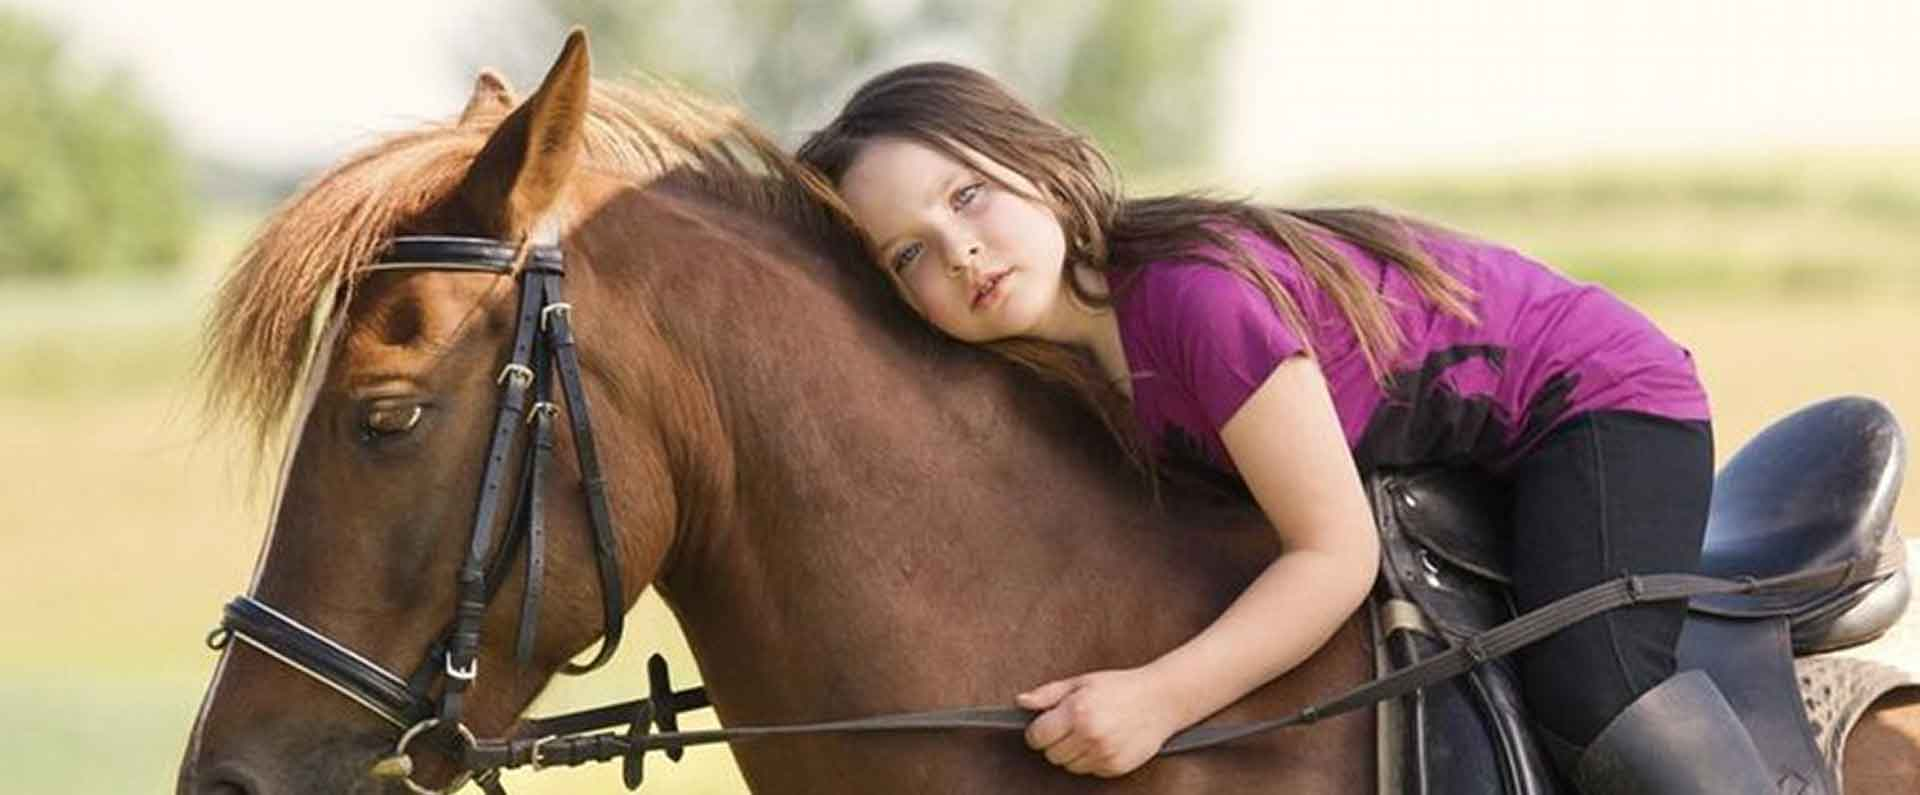 Bambini a cavallo | Azienda Agricola Ceppeto 1°